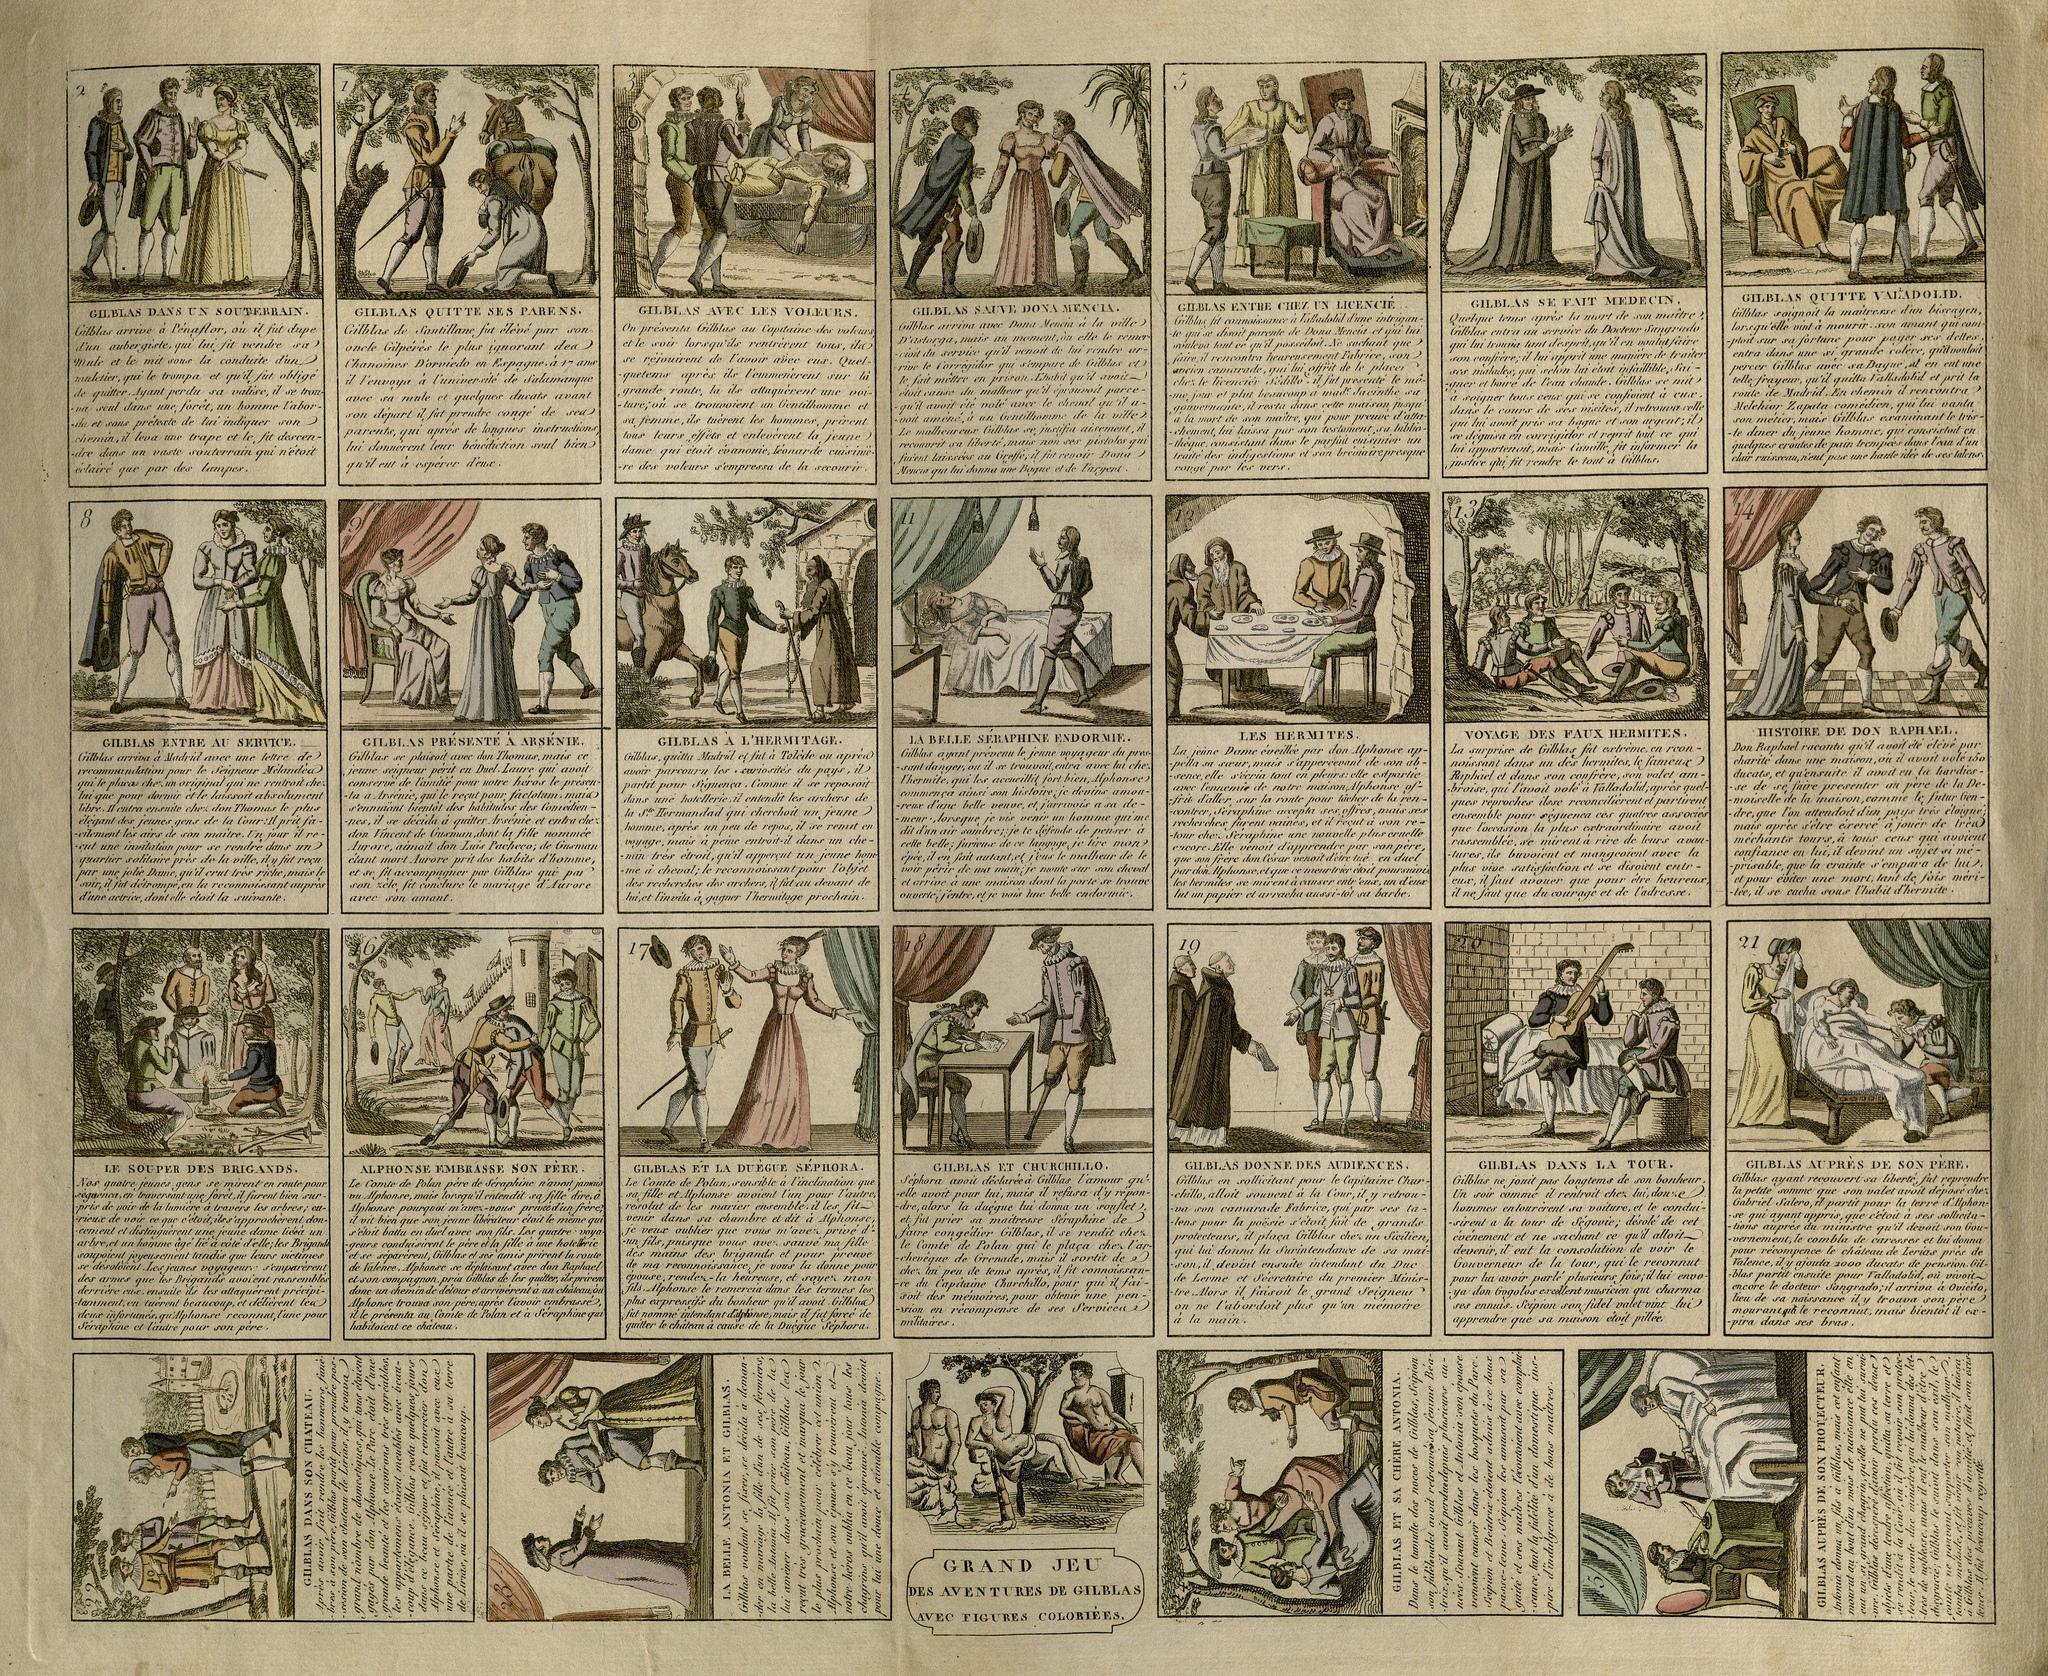 Grand Jeu des Aventures de Gil Blas. France, ca. 1800. pFB7.L5633.G800g